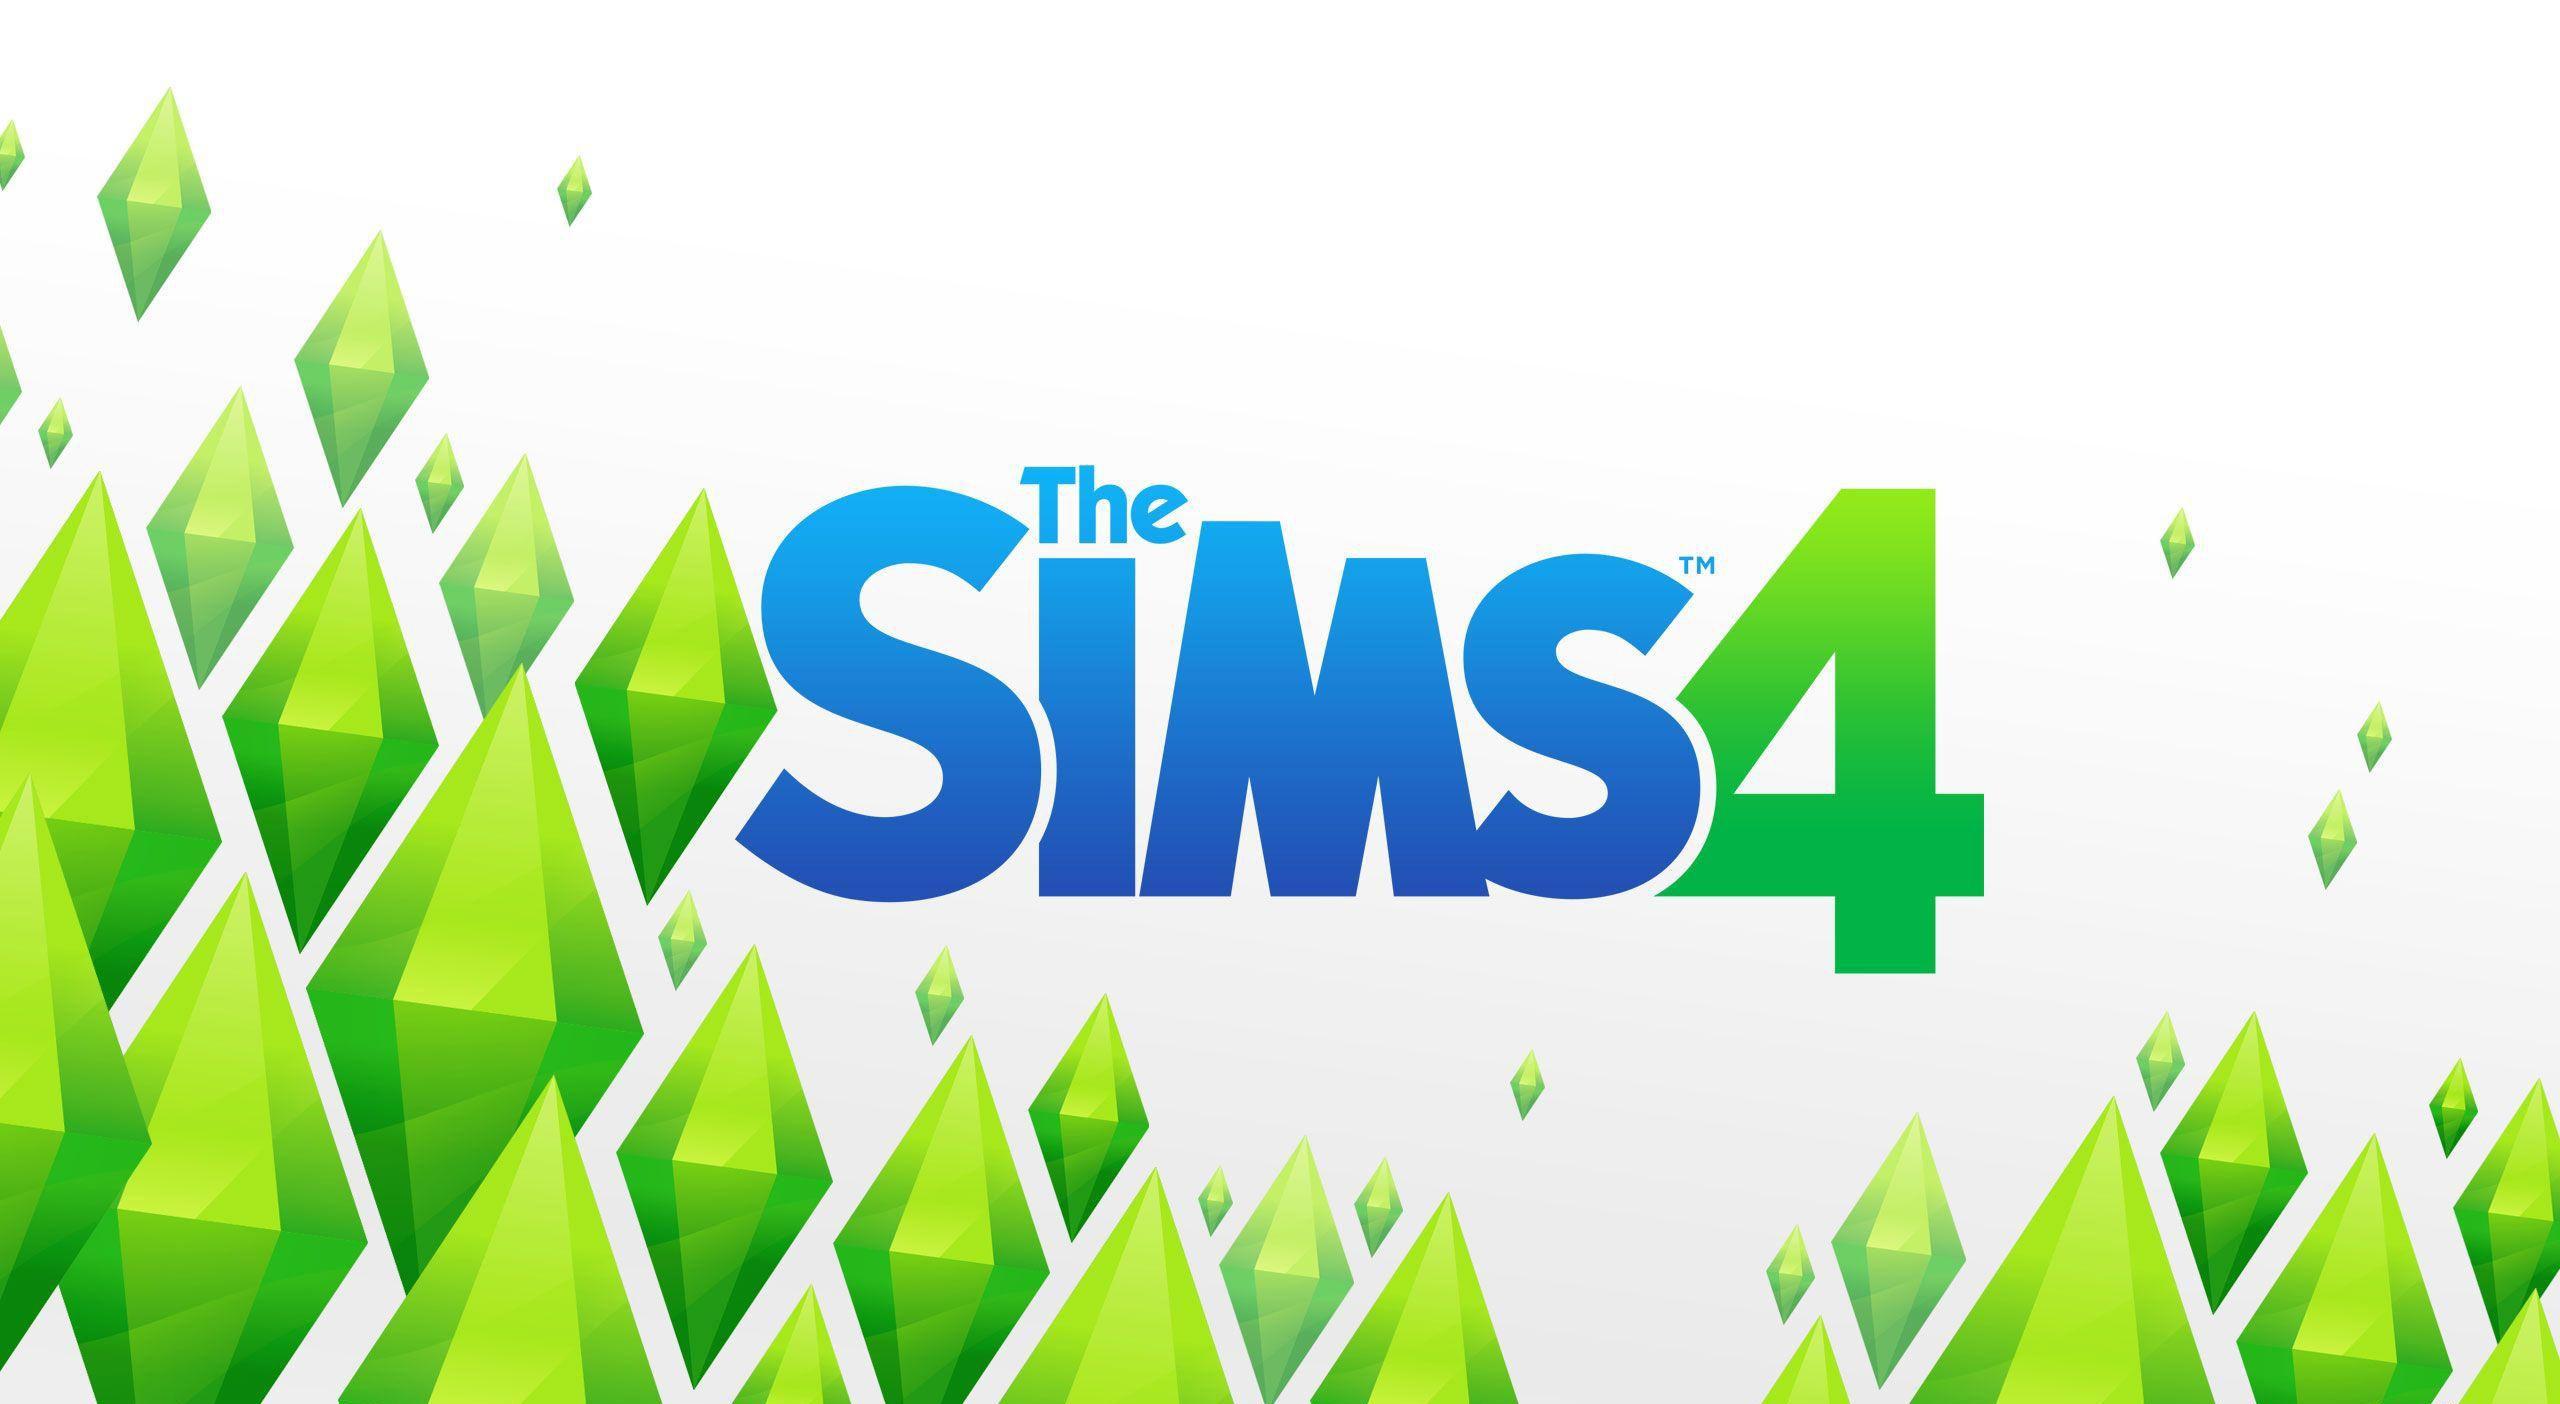 Unreal Engine 4 25 Program Indirme Sitesi Yazilim Oyun Bilgisayar